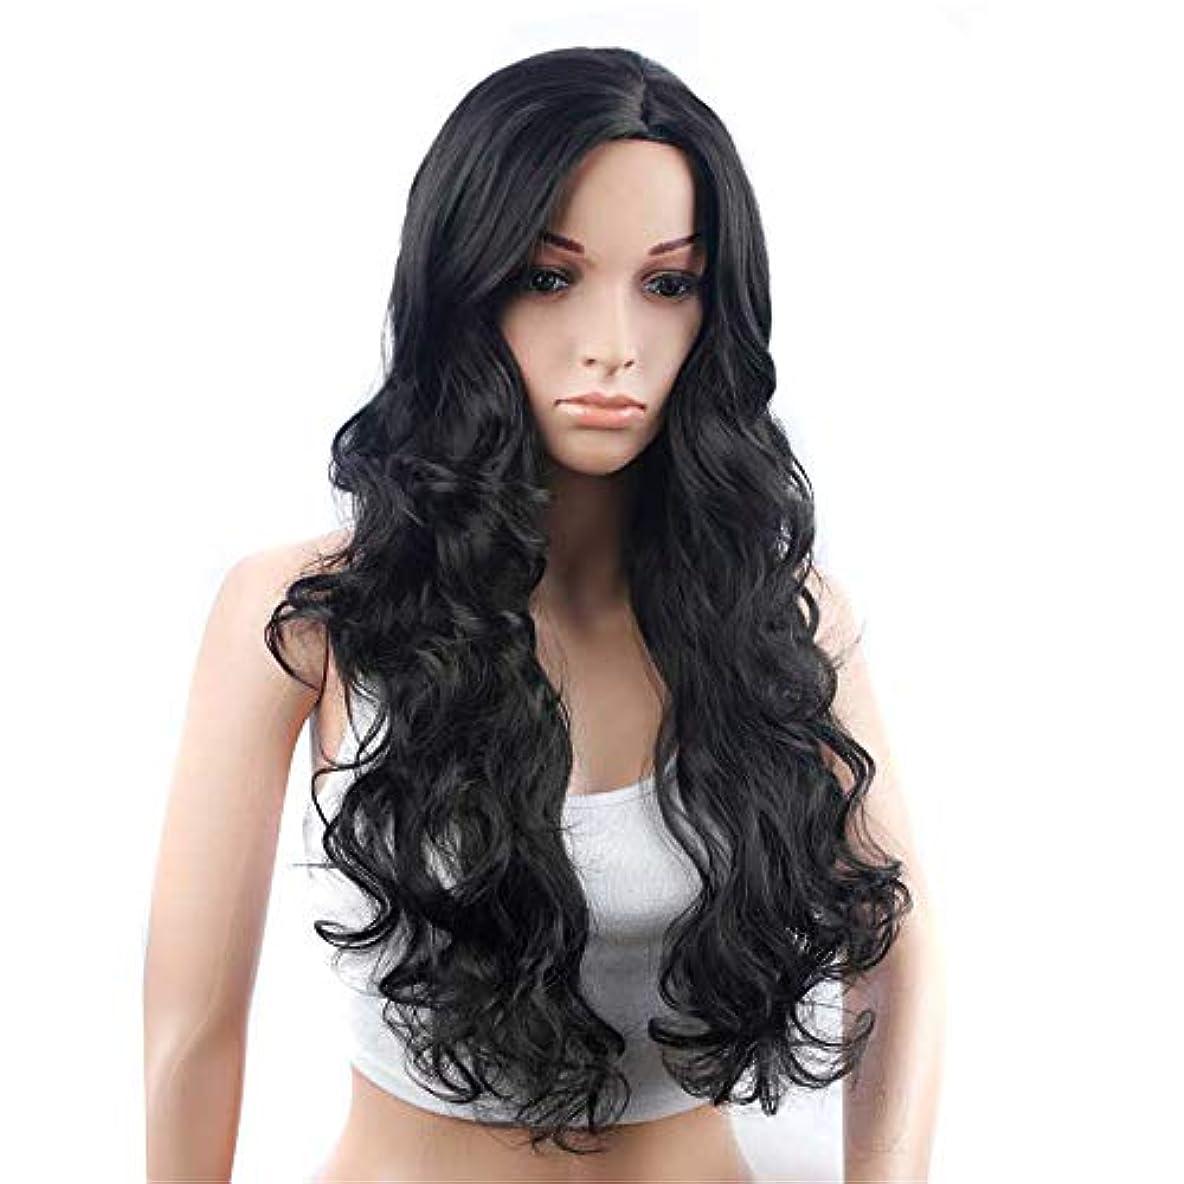 失敗無駄だ背が高いウィッグロングウェーブブラックカラーロングウェーブ人工毛高温繊維ヘアスタイル女性用髪の毛ナチュラルミドルパート耐熱ヘアプレイ、ハロウィン23インチ